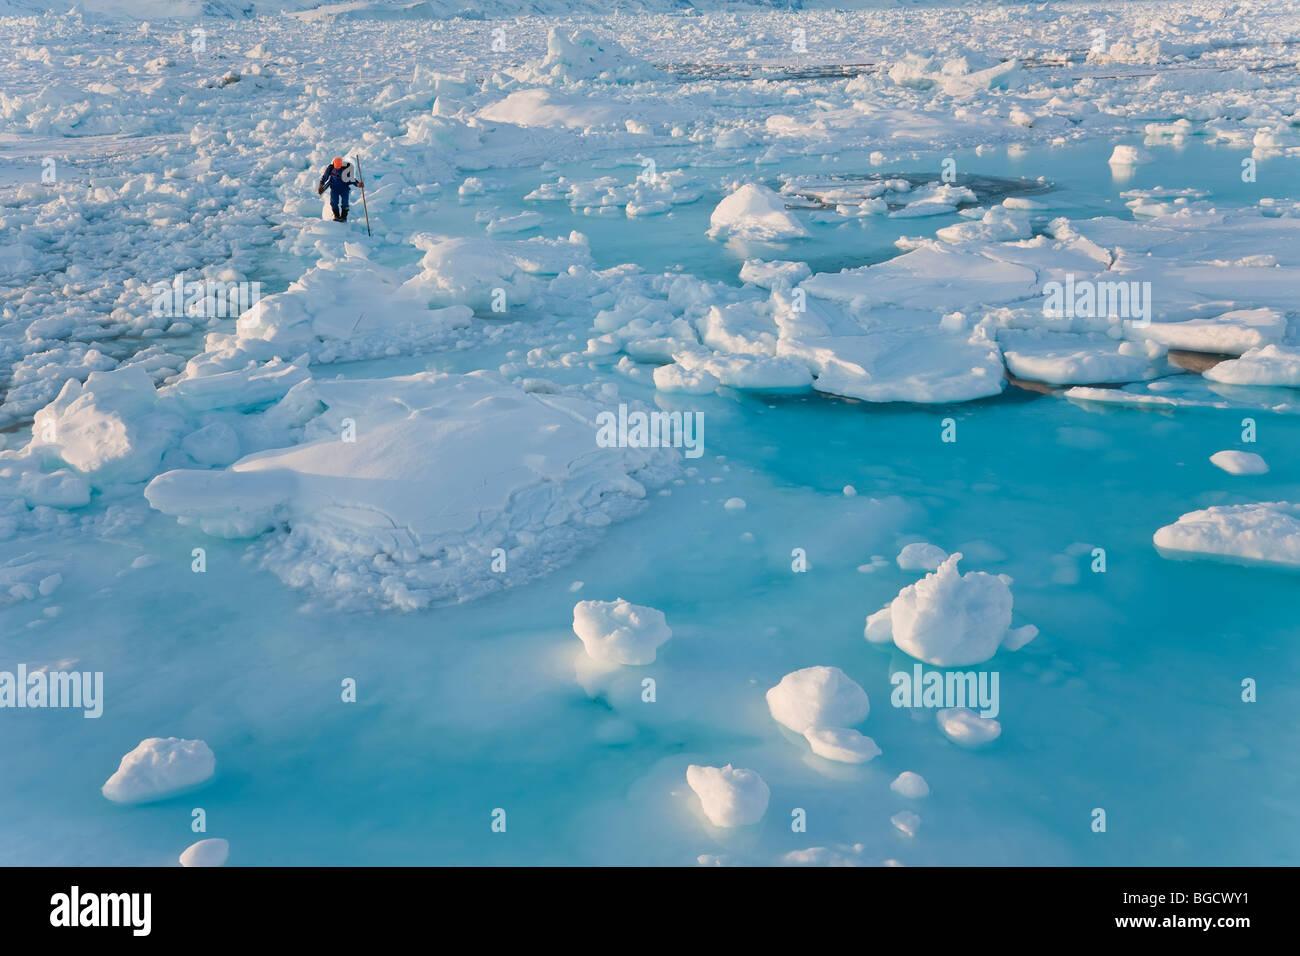 Il cacciatore di tenuta sul mare di ghiaccio, Tiniteqilaq, E. Groenlandia Immagini Stock